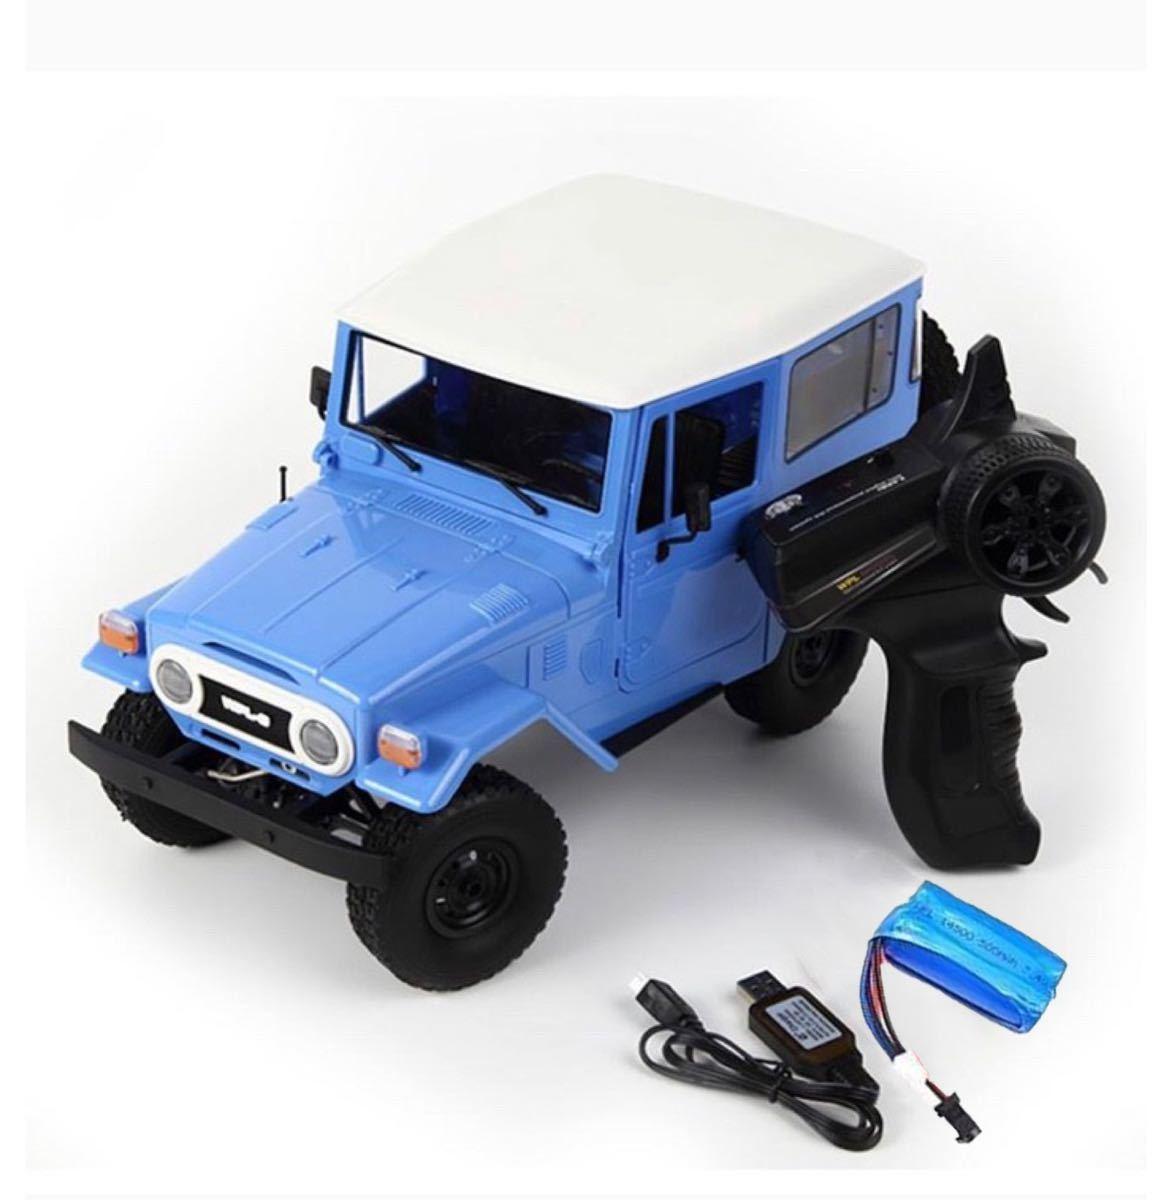 ★国内即納★青 ブルー WPL C34 ラジコンカー RC 1/16 2.4G 4WD RTR即走行セット トラック クローラー オフロード D12後継スケールロック_画像8